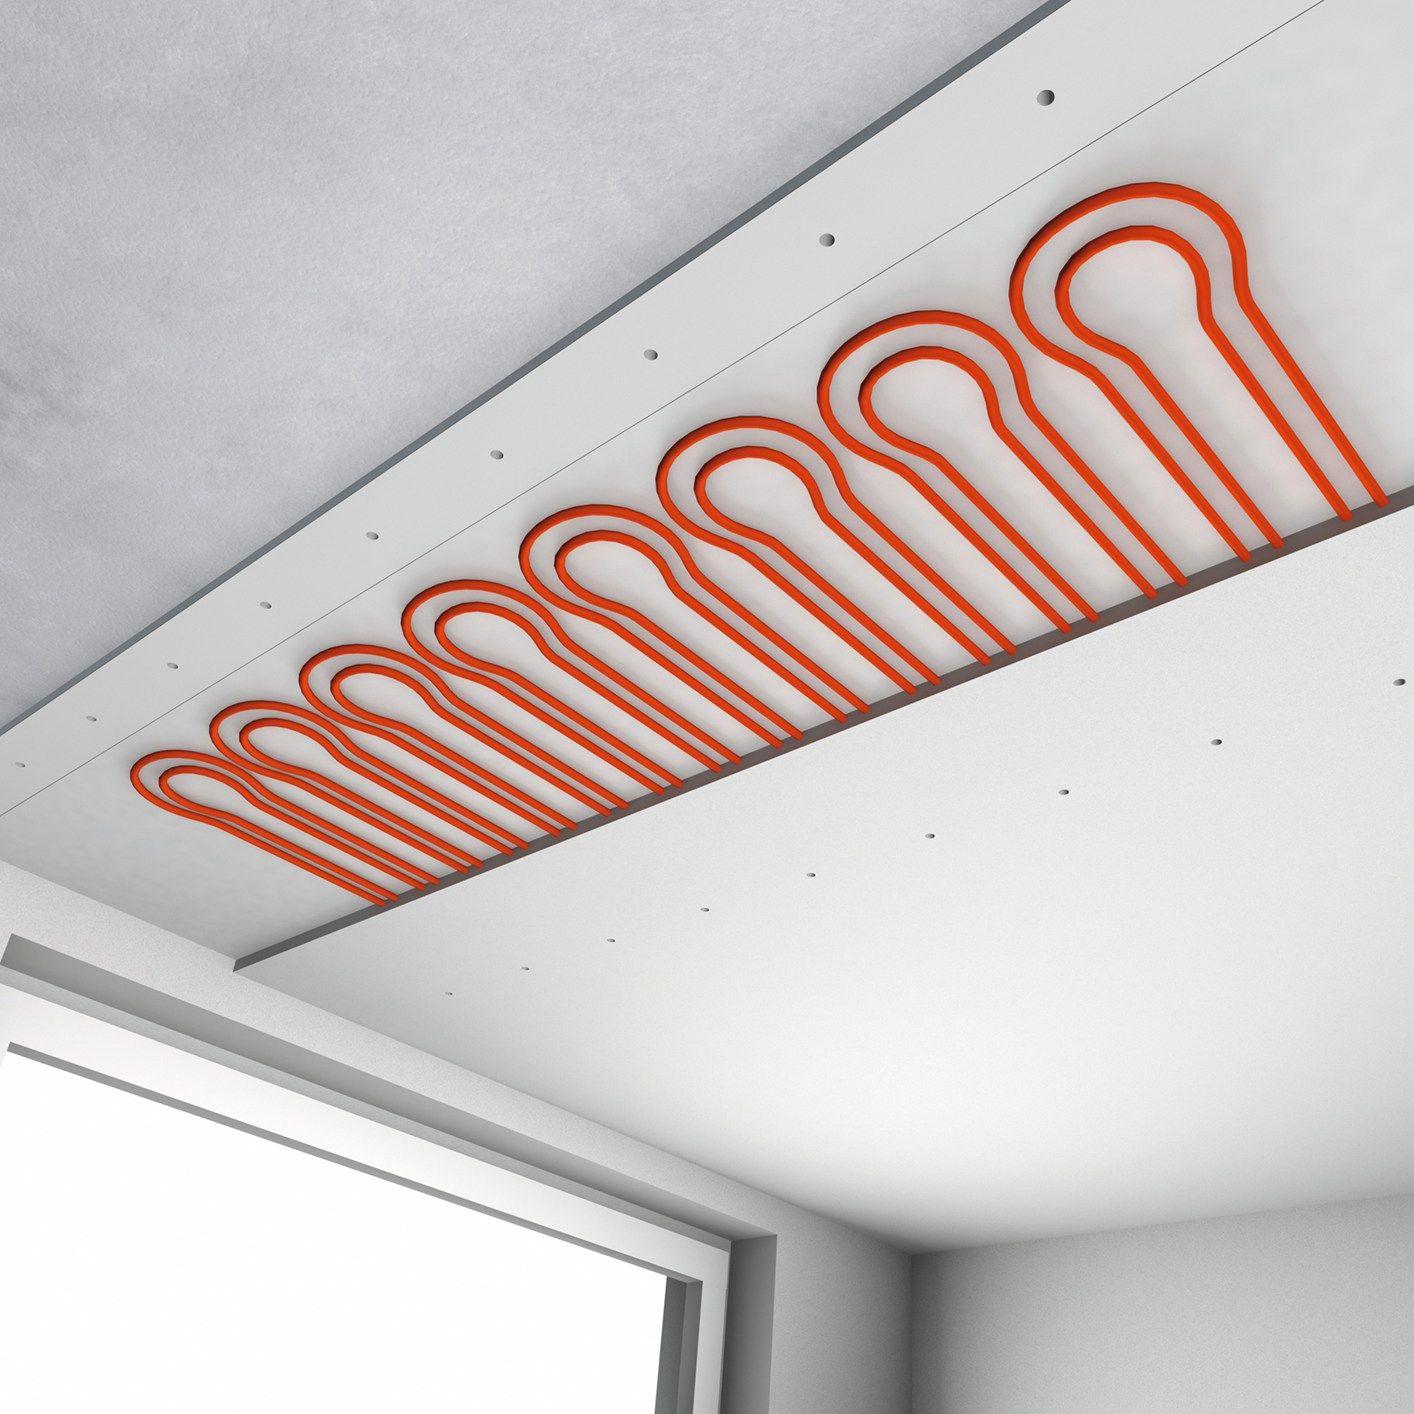 Ristrutturare con i sistemi radianti a soffitto REHAU